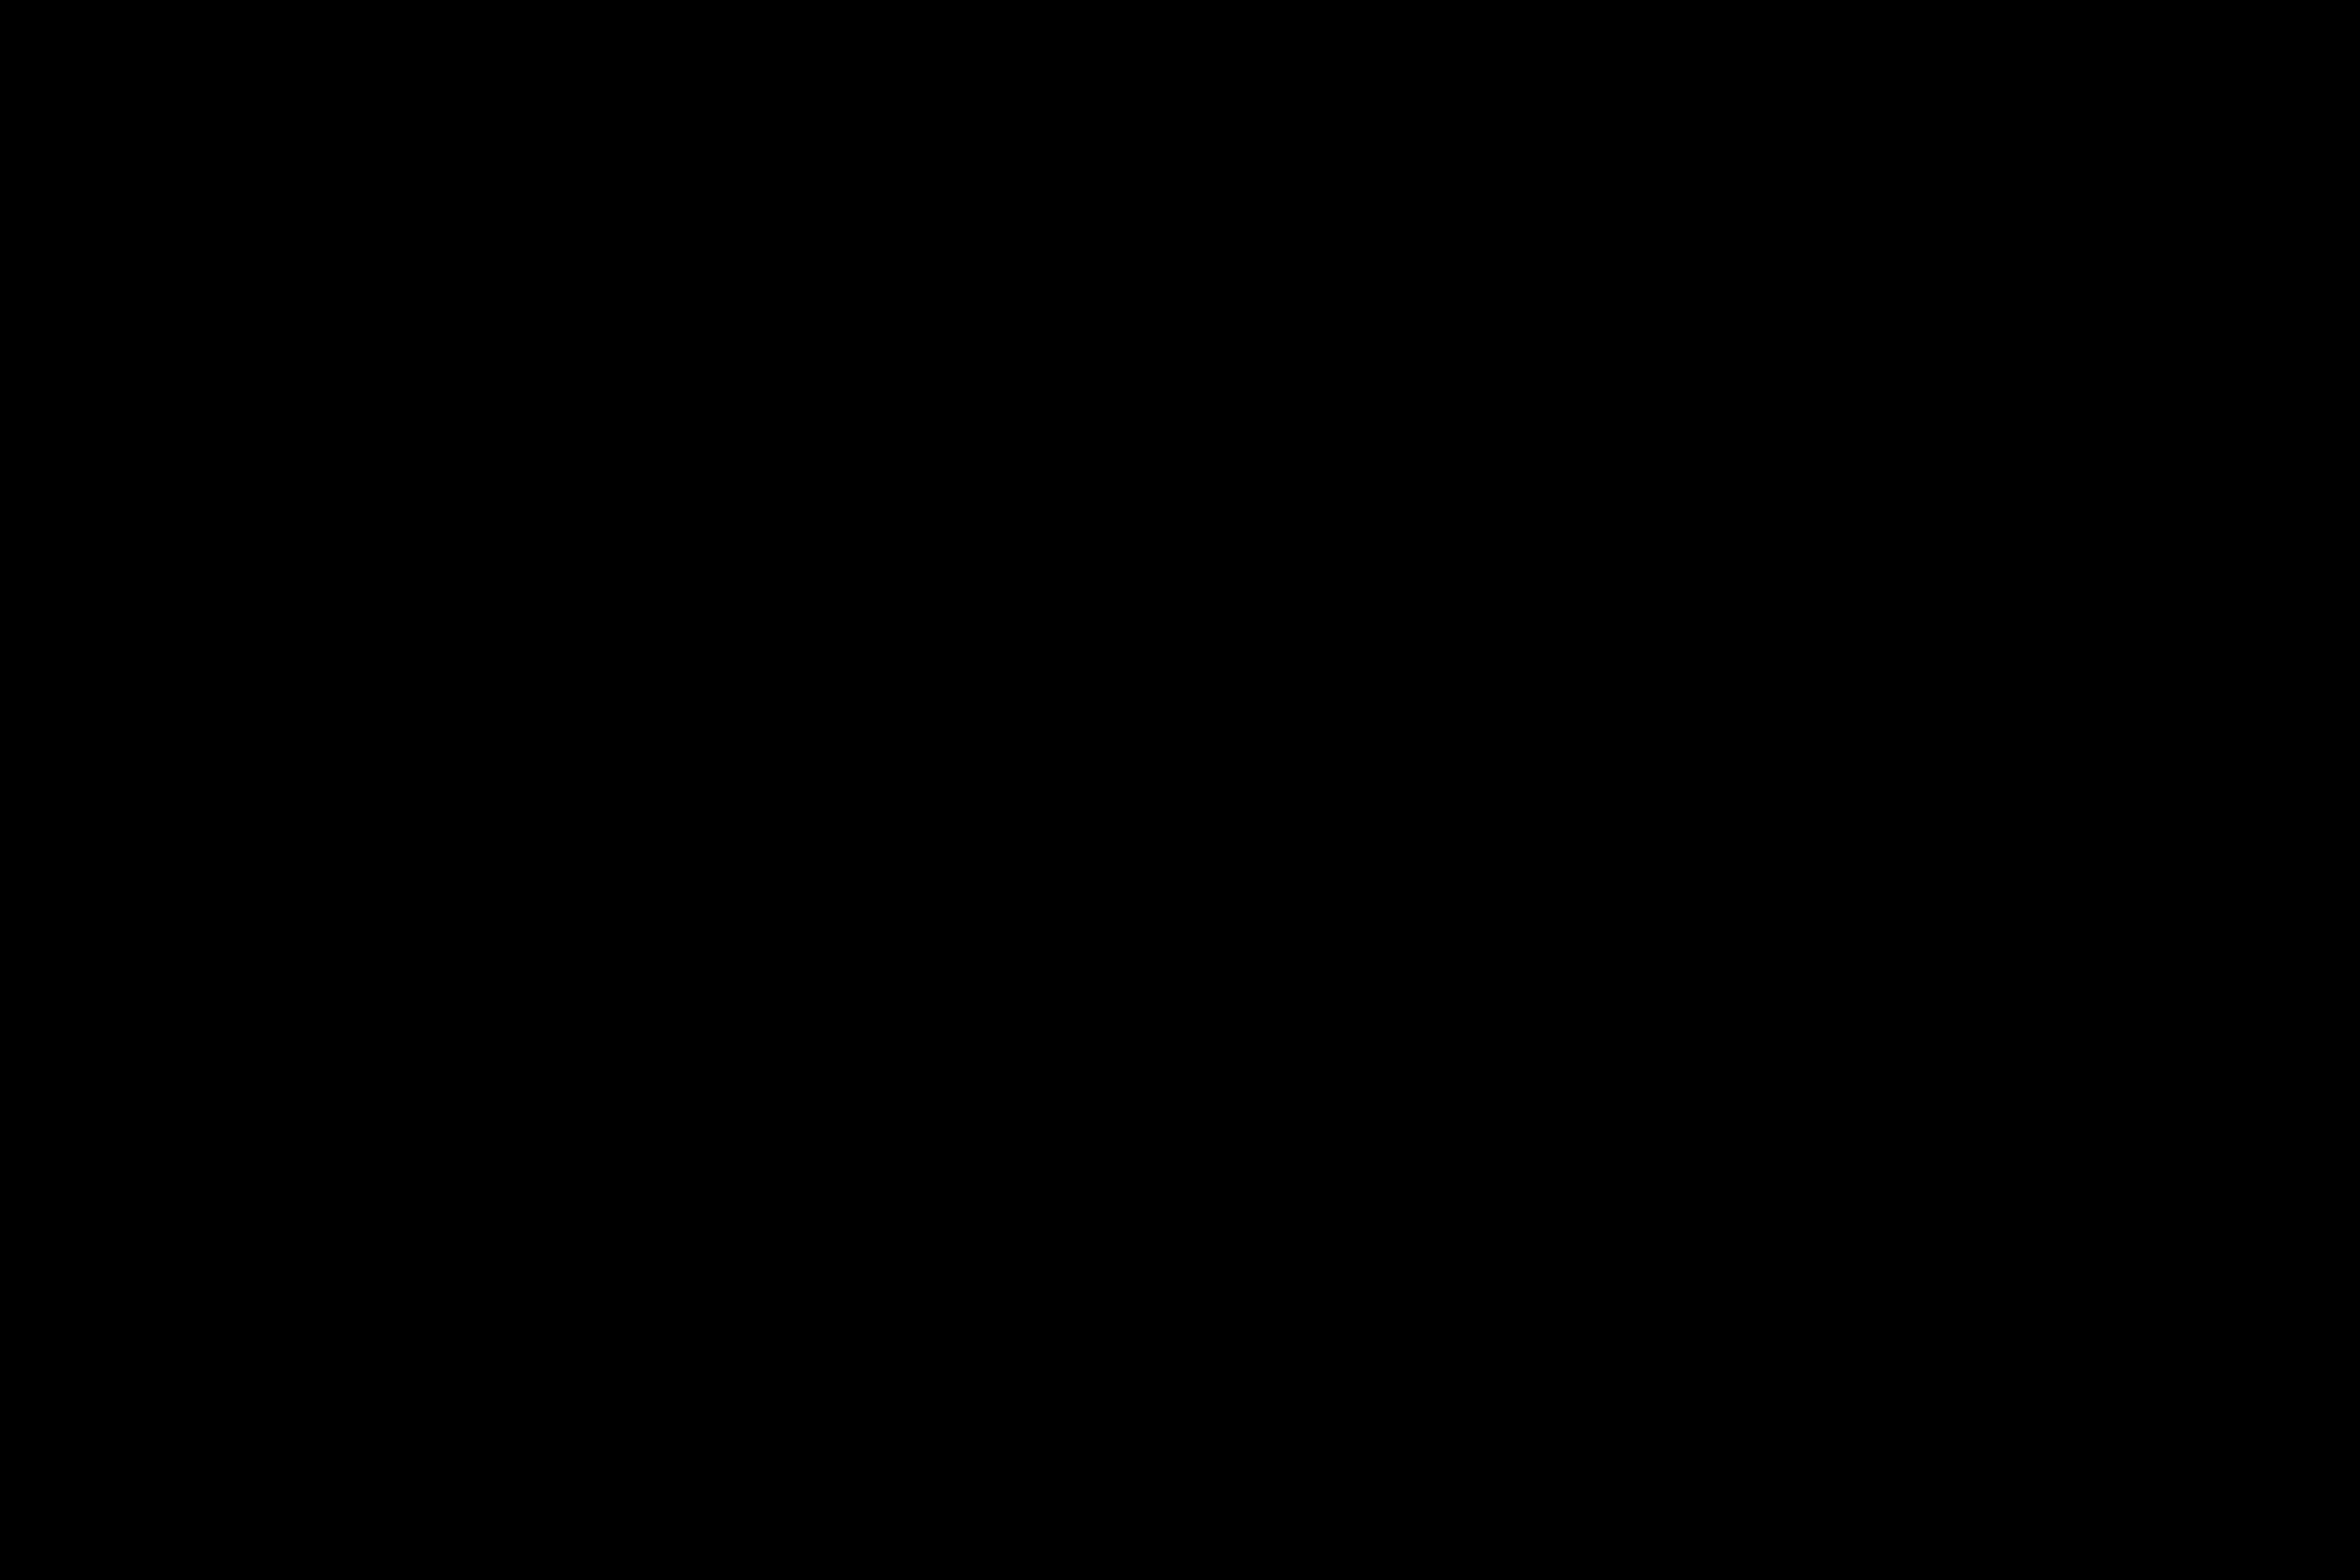 De Masai springen zo hoog mogelijk om de vrouwen te imponeren.